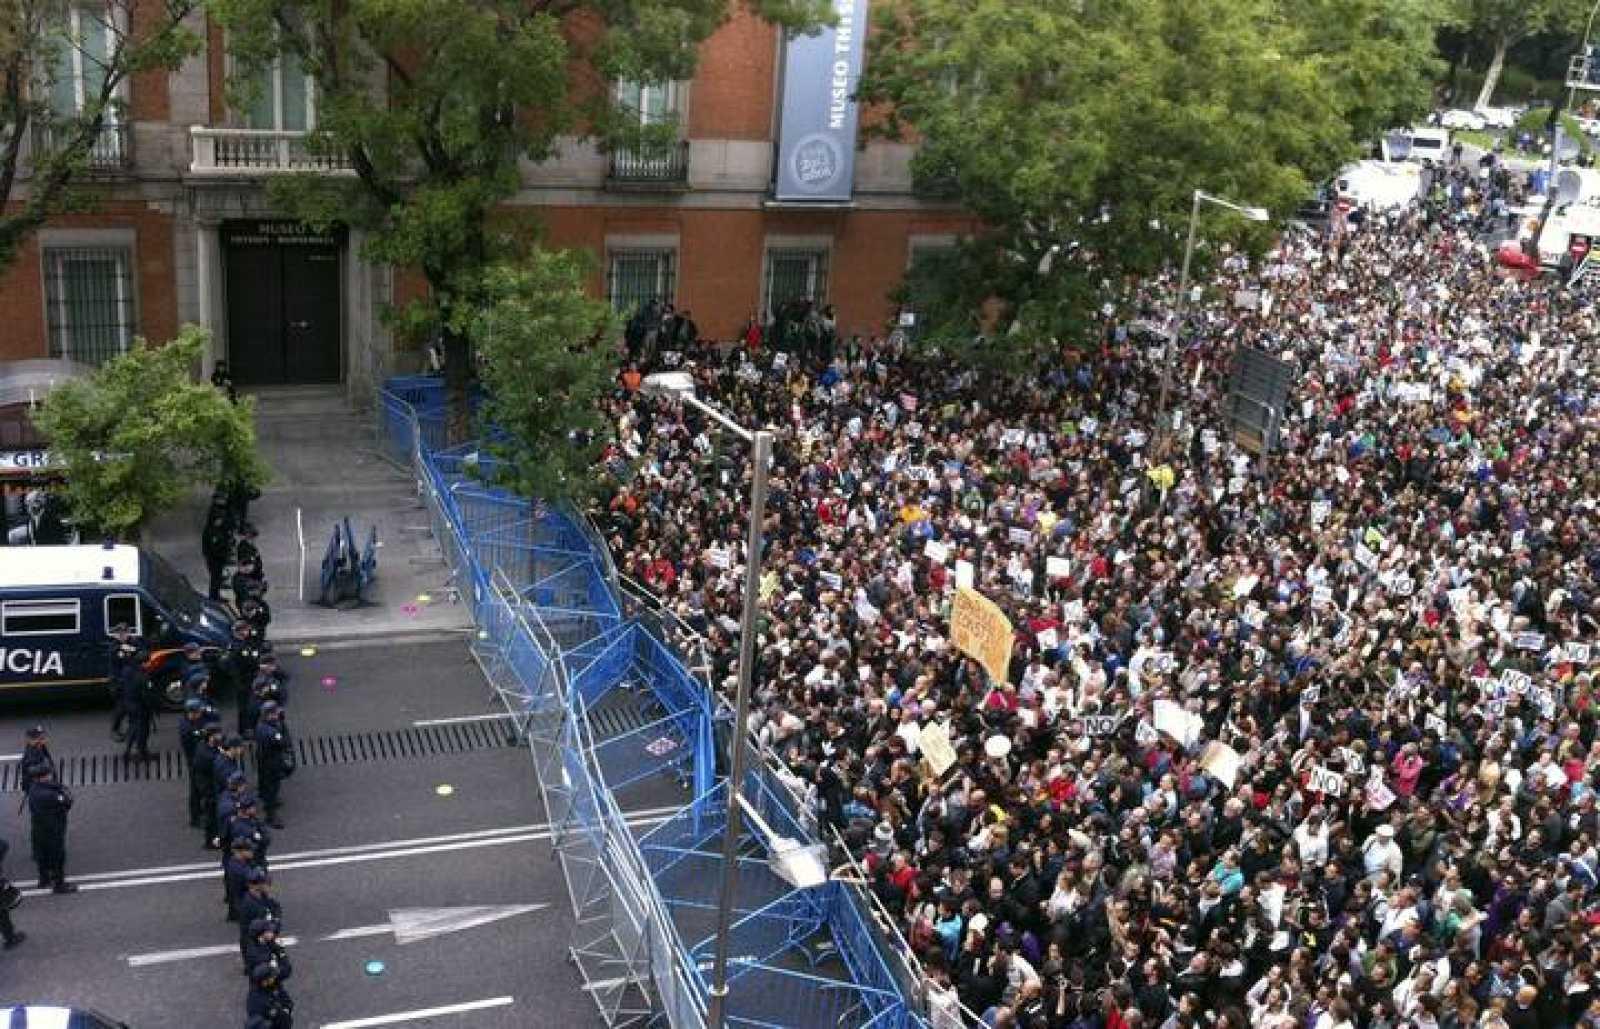 Imagen de la primera manifestación de 'Rodea el Congreso' el 25 de septiembre de 2012.